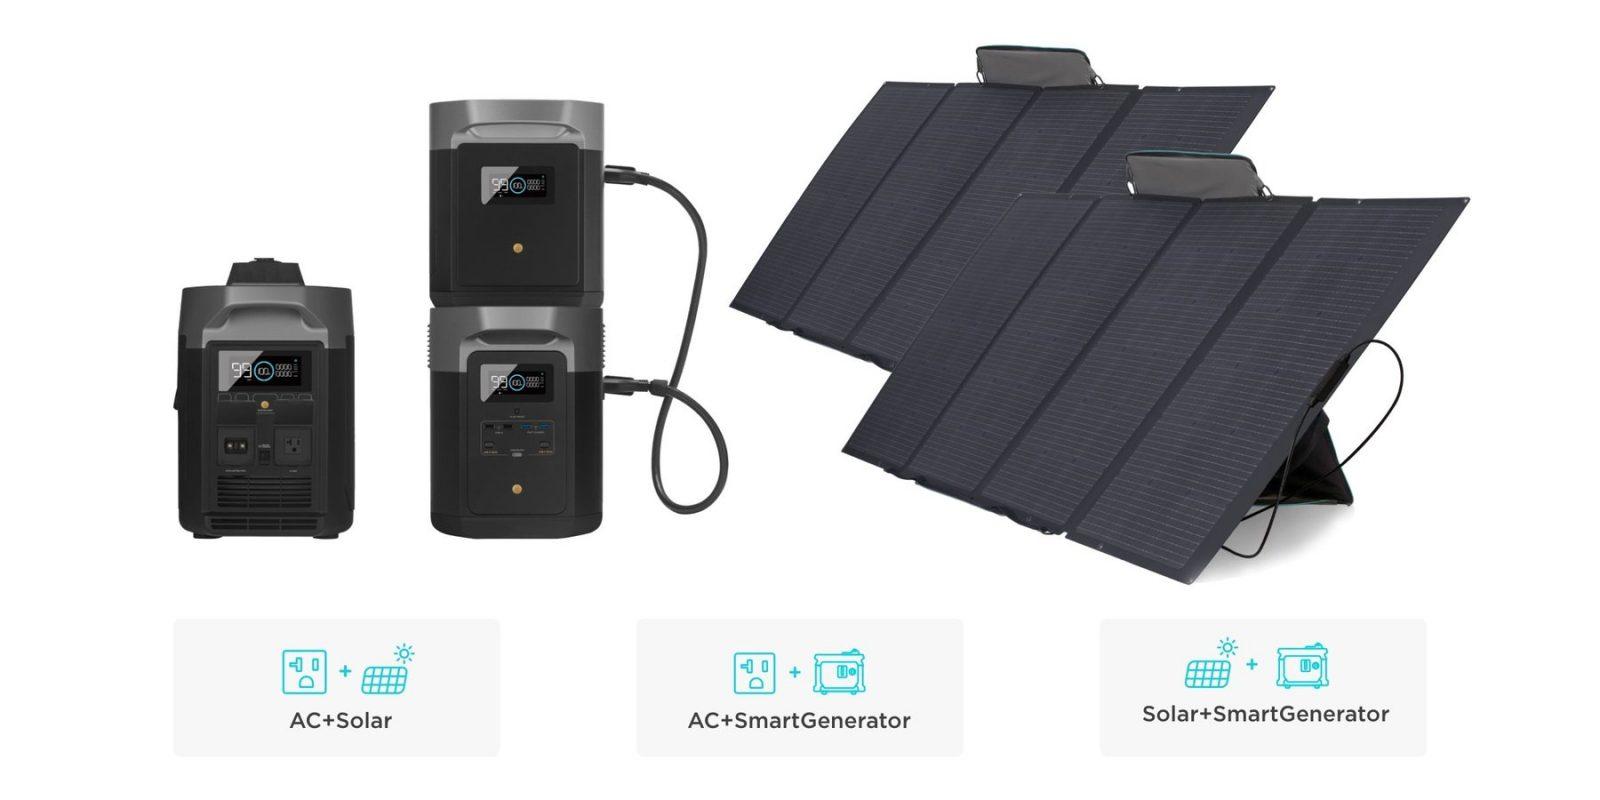 EcoFlow Delta Max Convenient and Fast Dual Charging